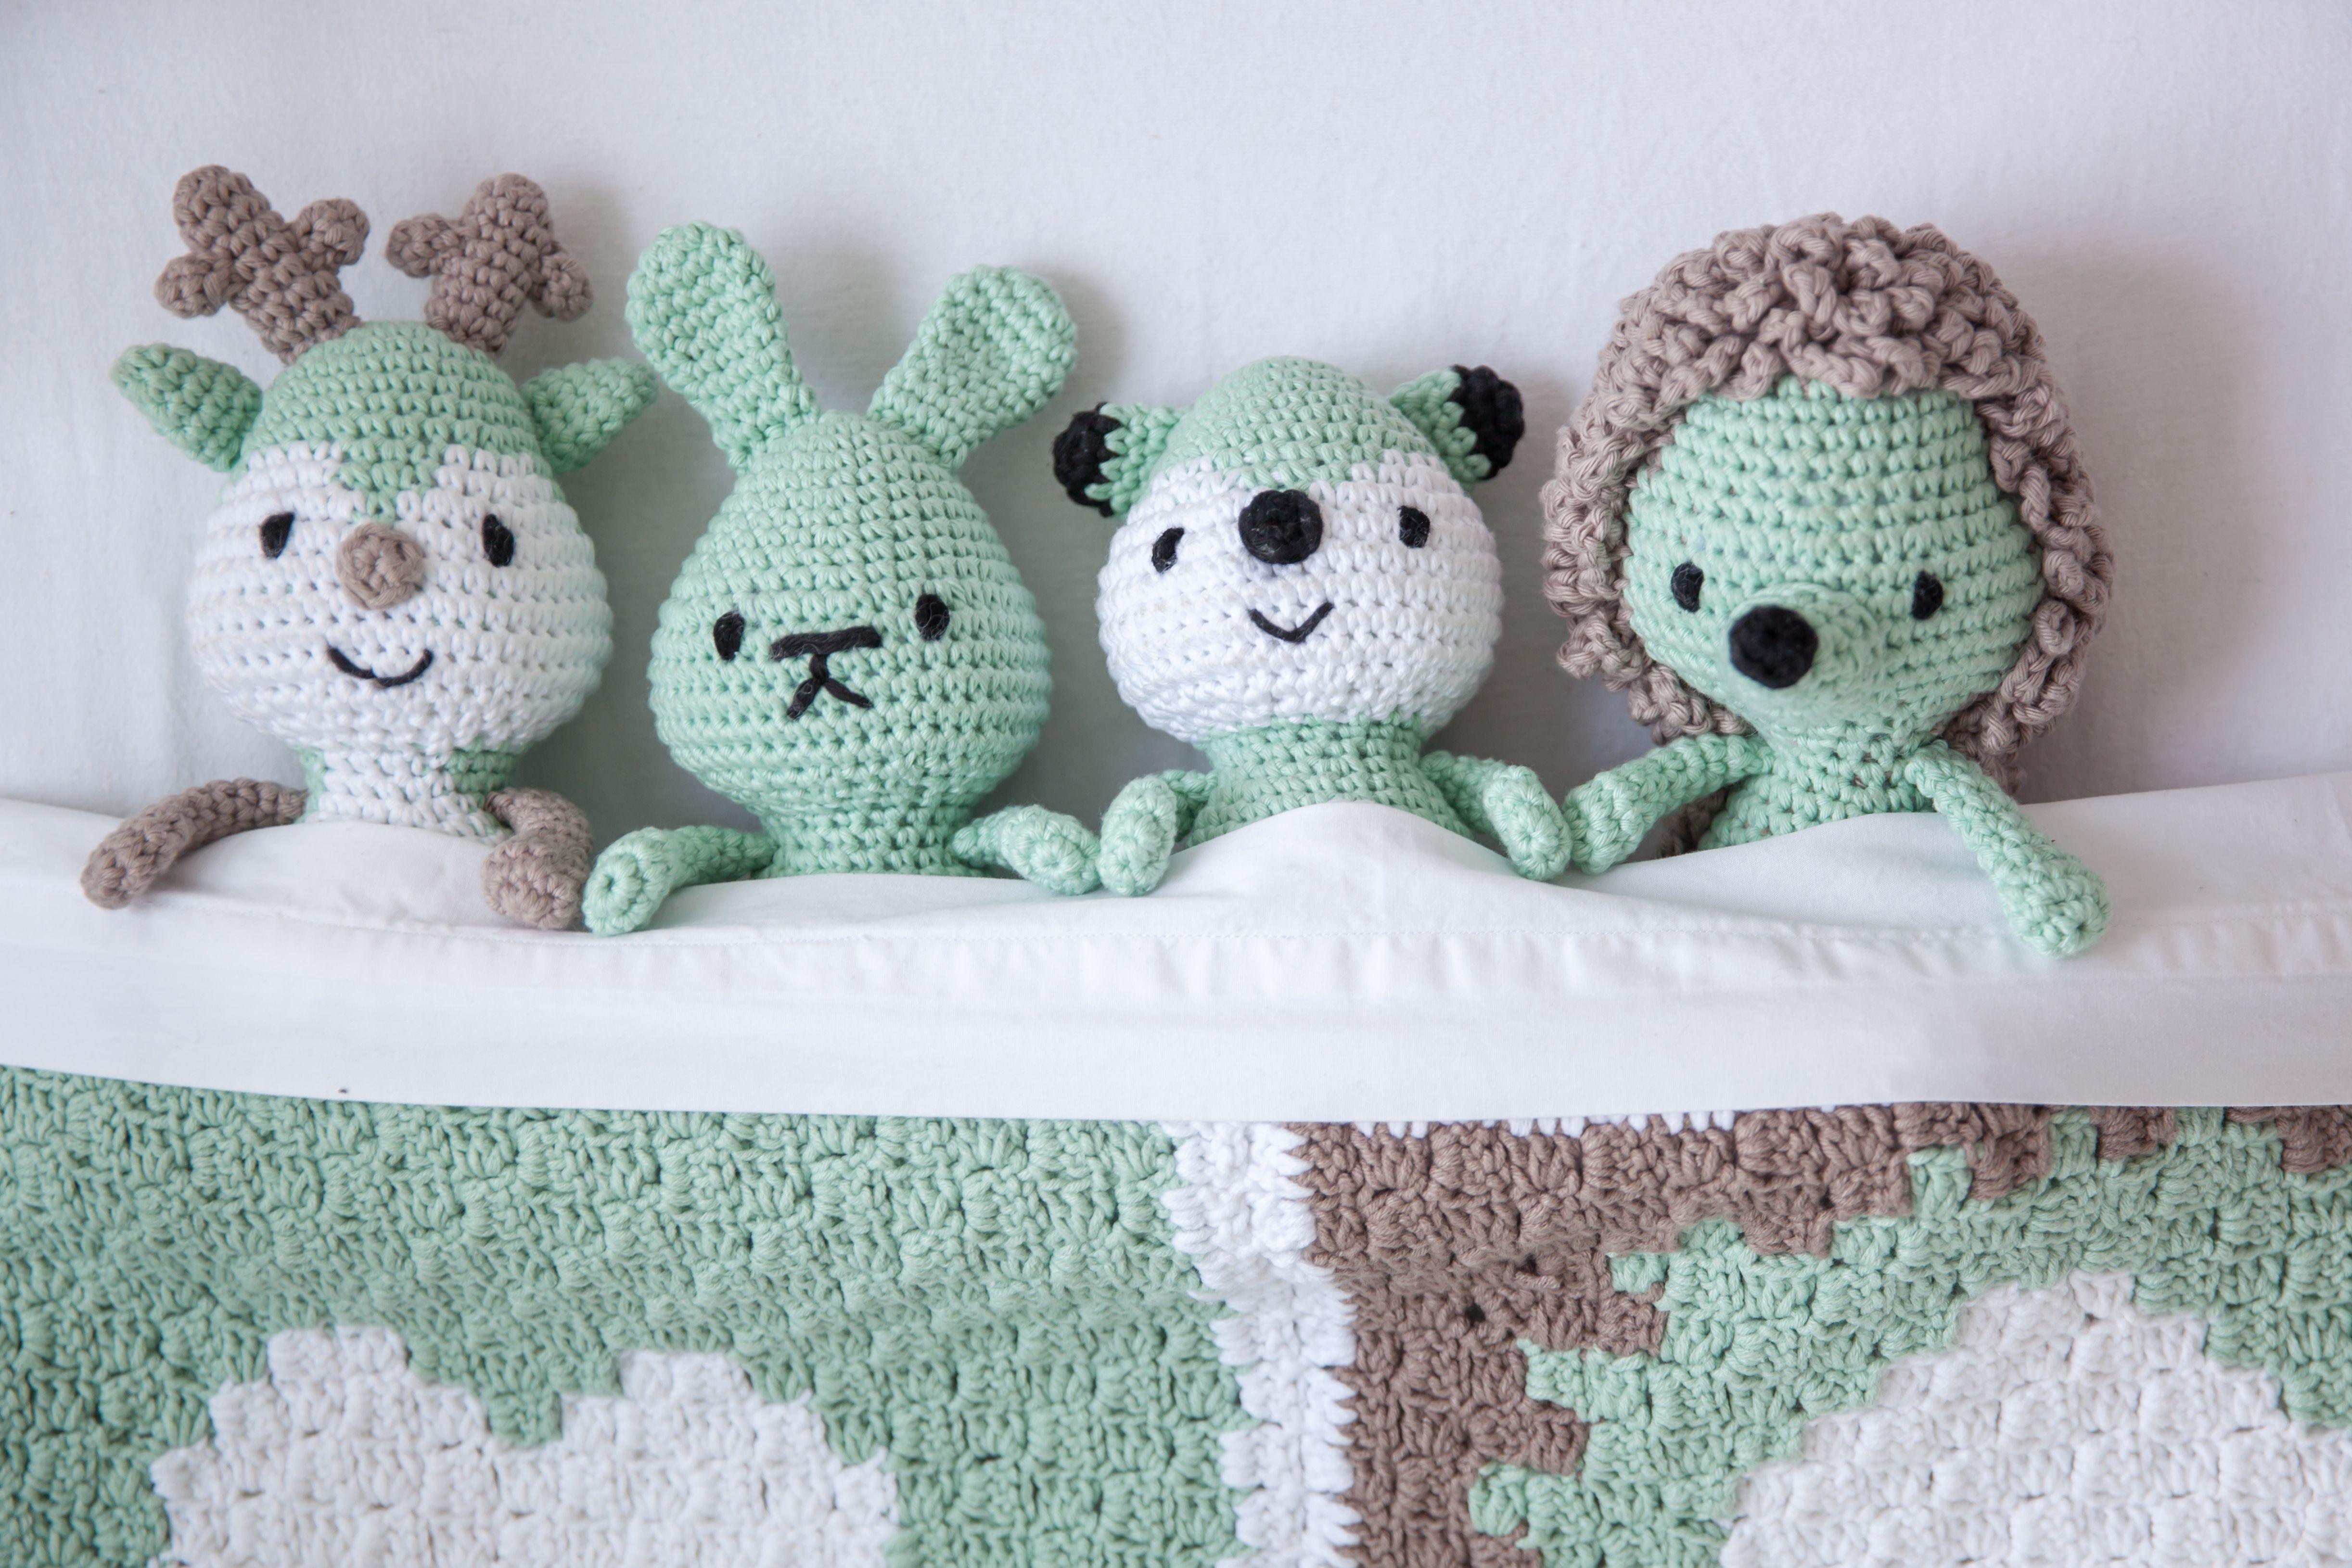 Patrón gratis amigurumi de arlequín | Boneca de crochet, Tricô e ... | 3259x4888